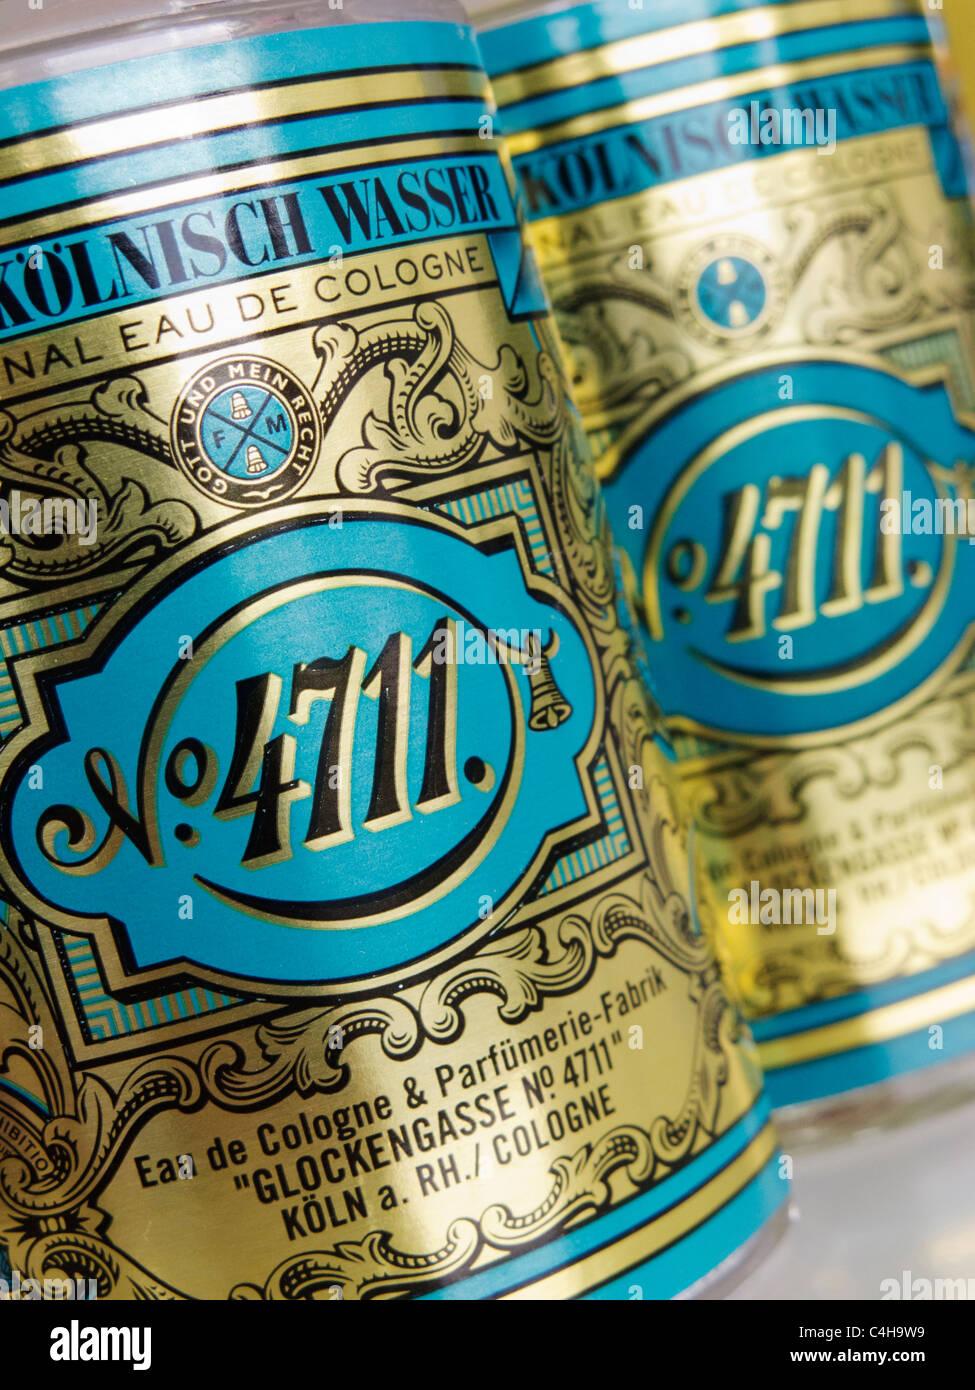 Dettaglio delle bottiglie del famoso marchio 4711 di Eau de Cologne dalla città in Germania Immagini Stock